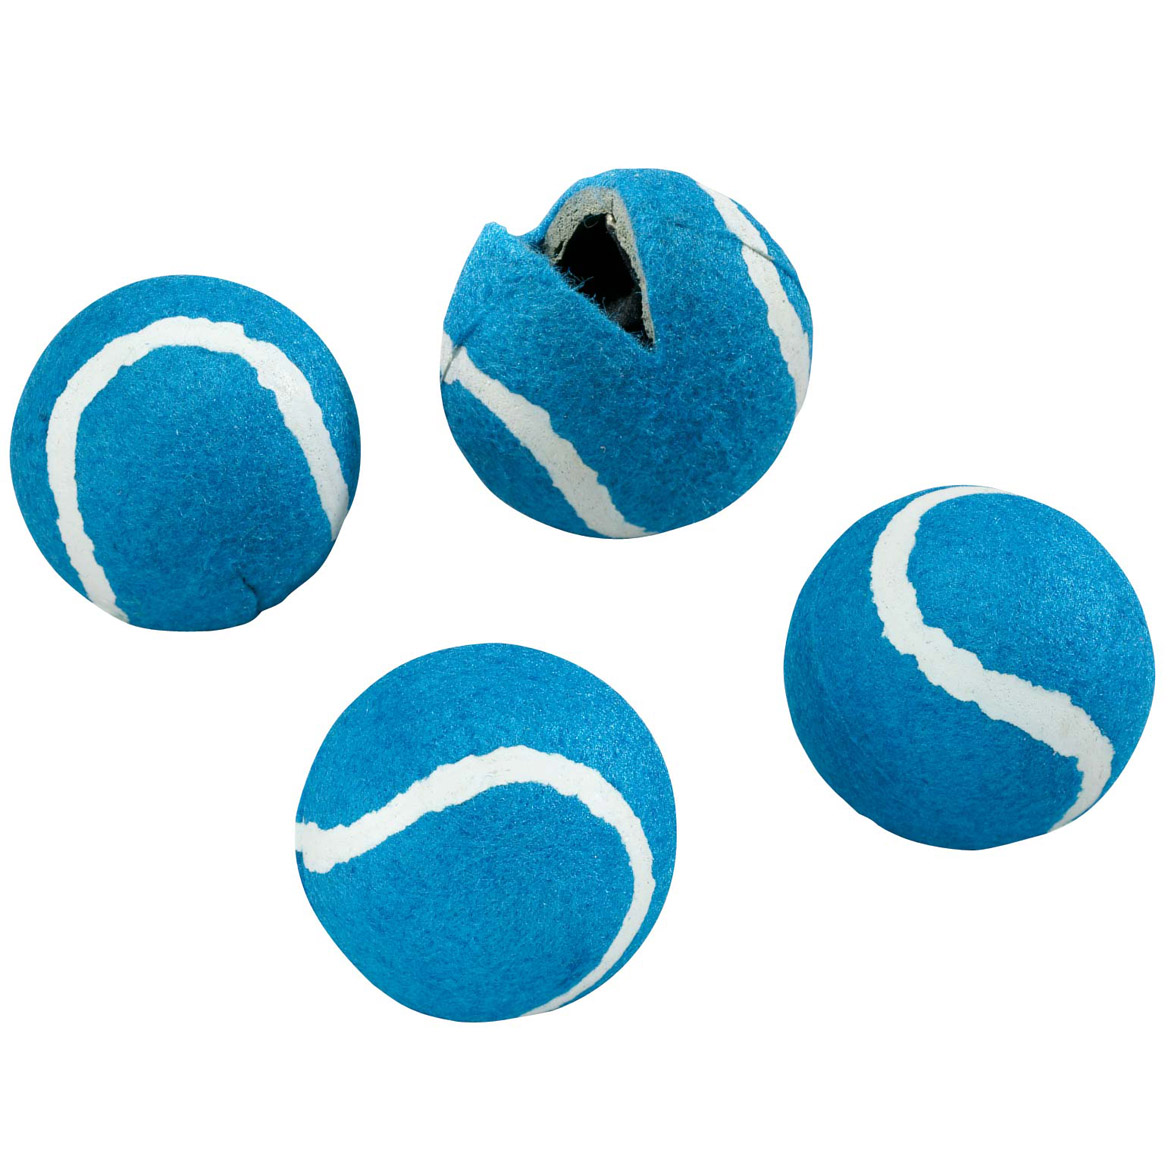 Walker Tennis Balls Set of 4-335037